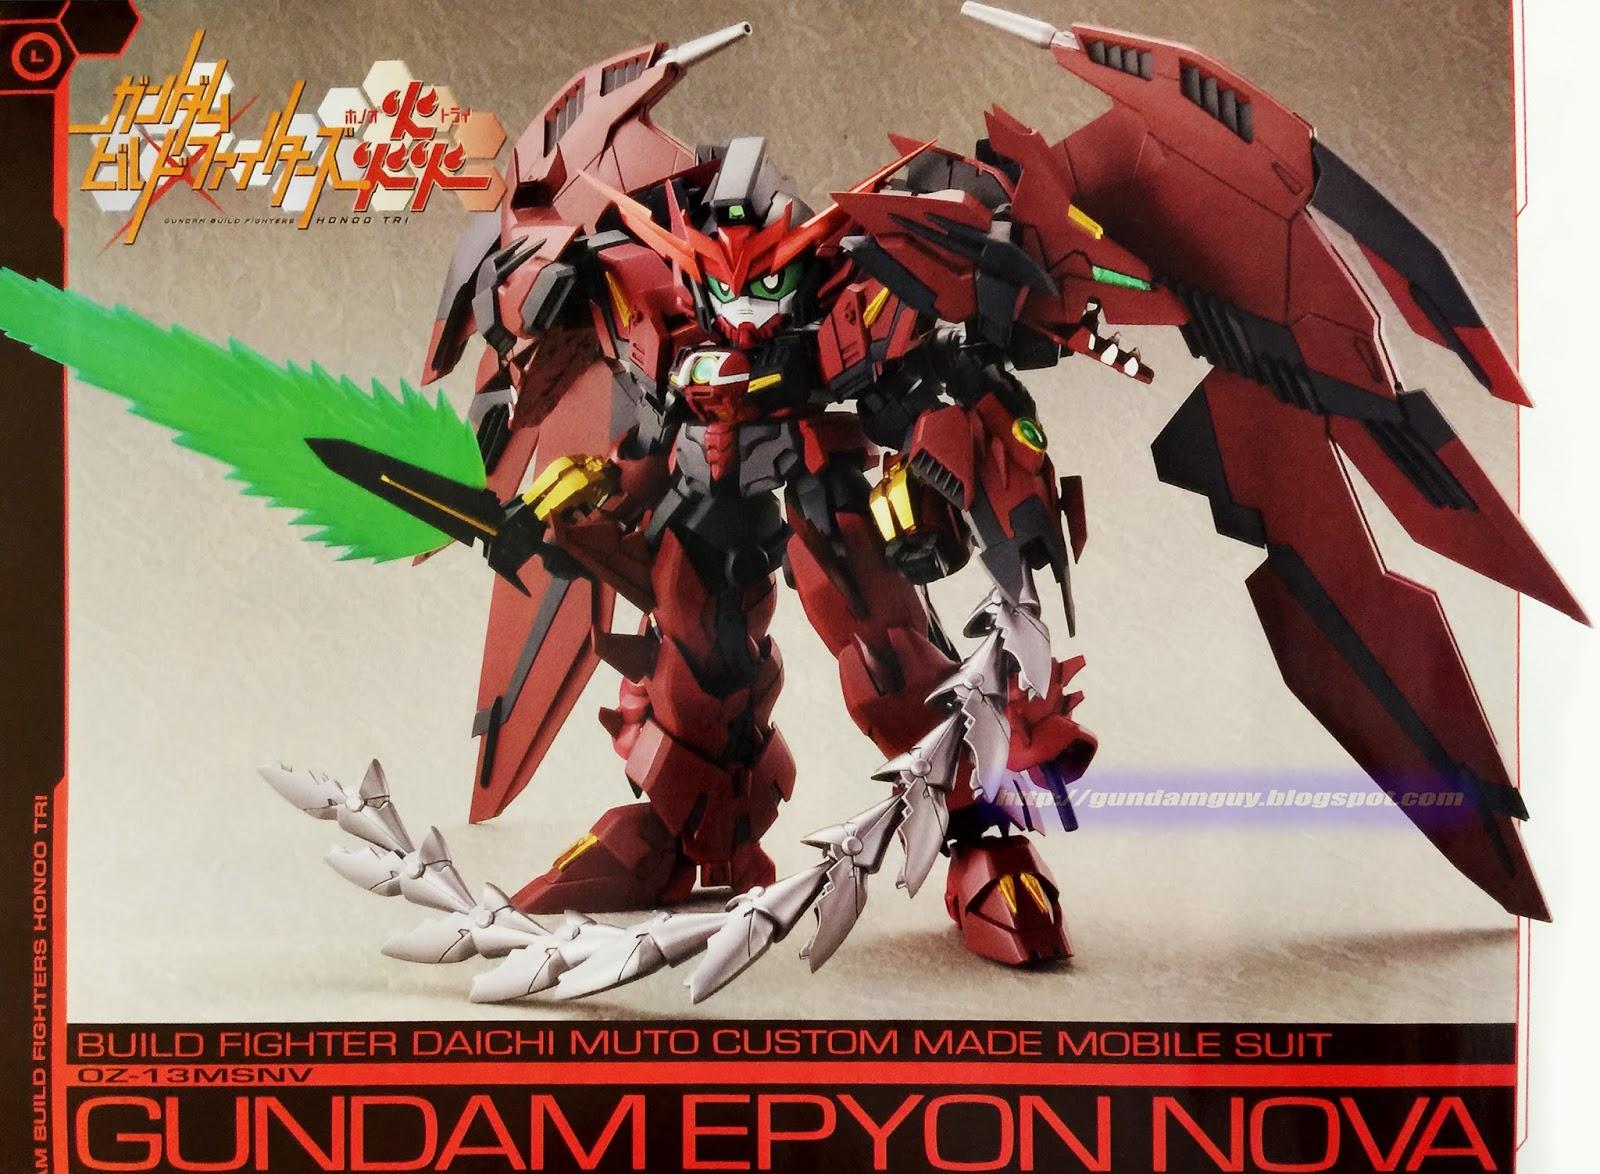 Gundam Guy  Sd Gundam Epyon Nova